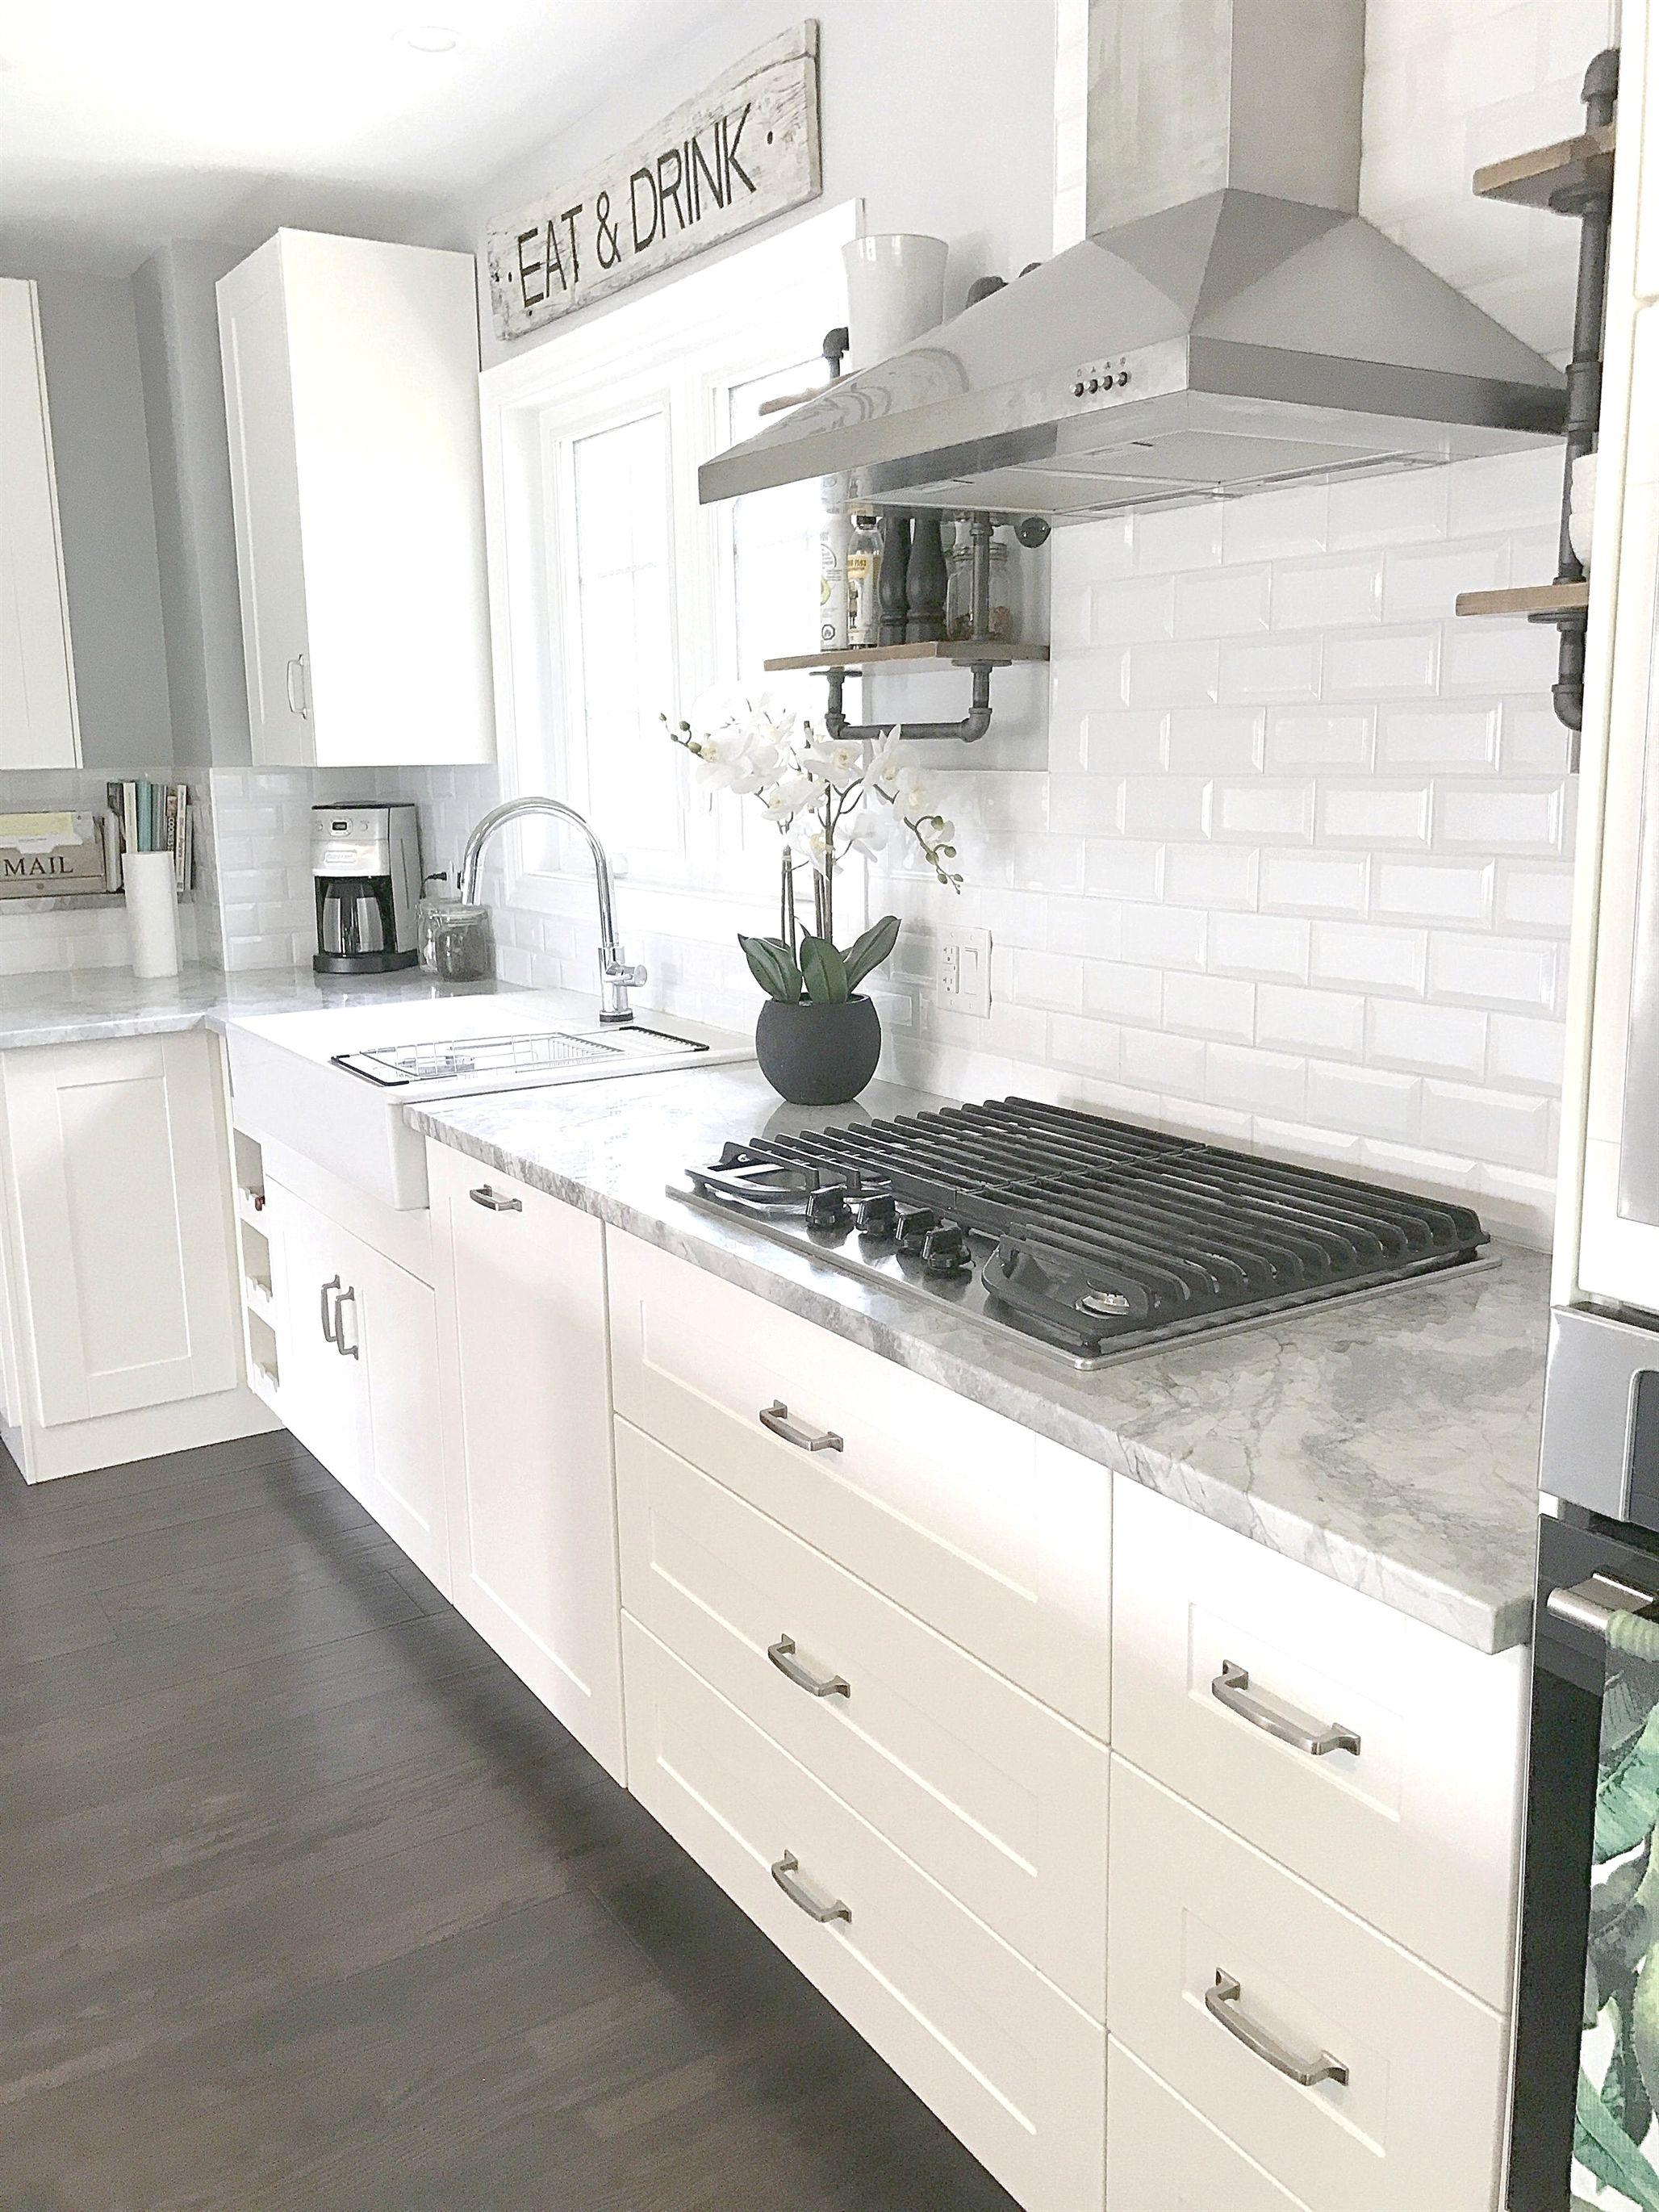 Ikea Kitchen White Grimslov Ikeakitcheninstallation Cheap Kitchen Remodel Diy Kitchen Renovation Kitchen Layout